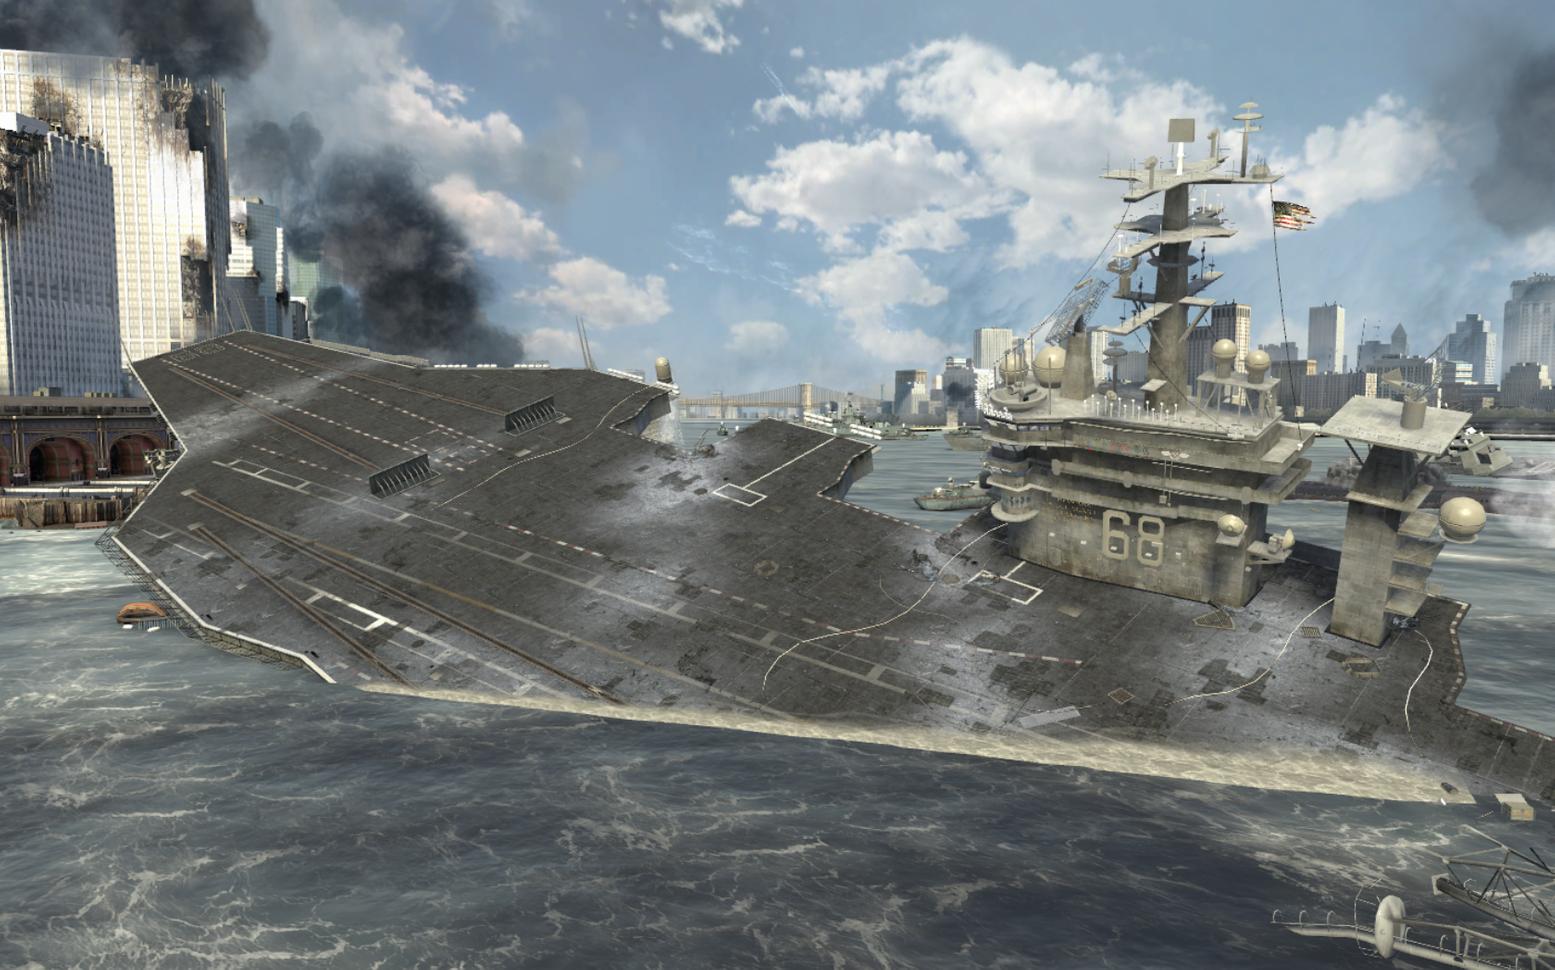 Could a Battleship Sink an Aircraft Carrier in Battle?